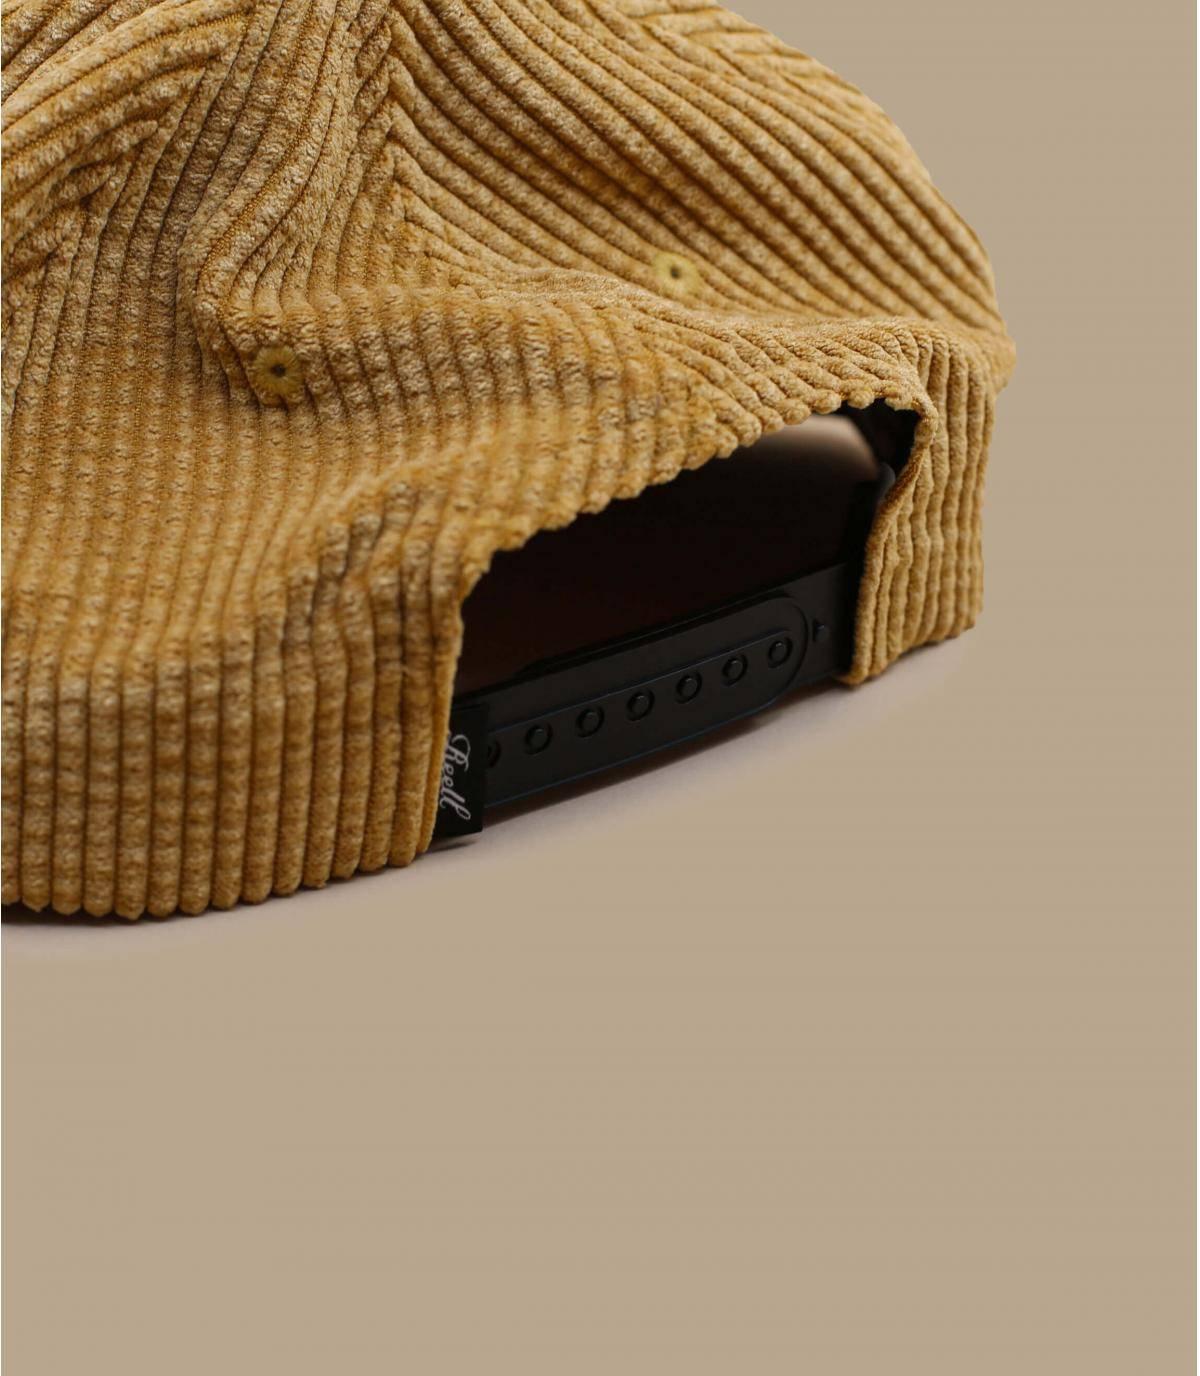 Details Suede Cap Cord beige - Abbildung 4